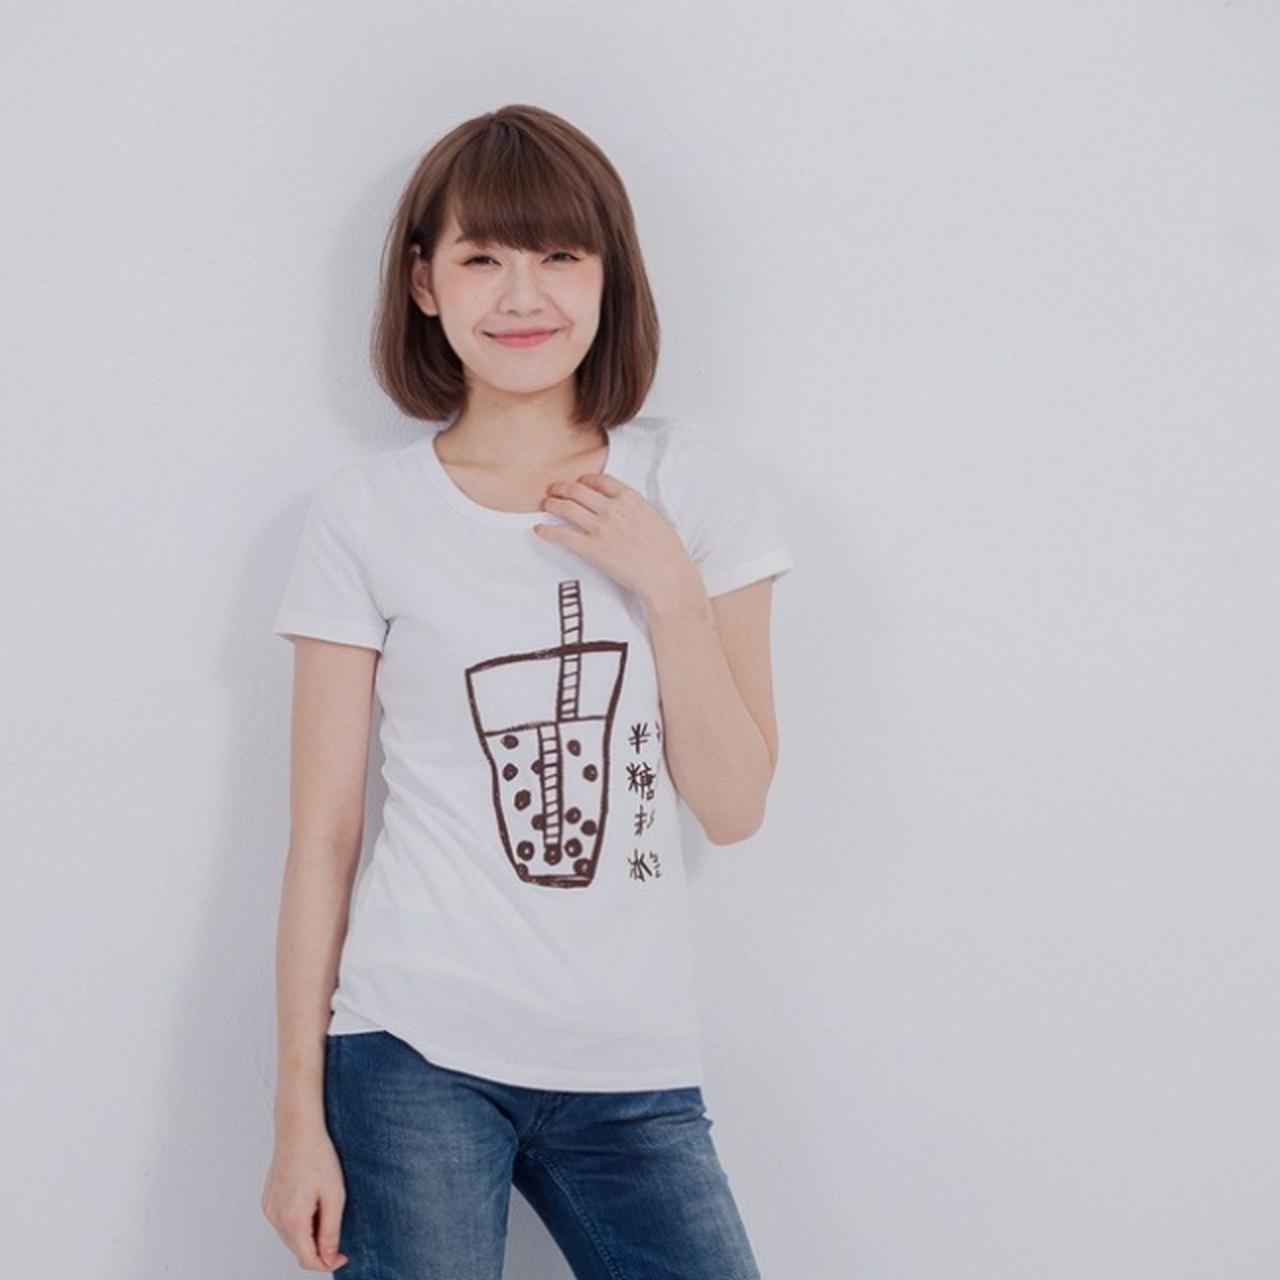 画像: タピオカTシャツ 4,085円(税込・送料込) jp.pinkoi.com